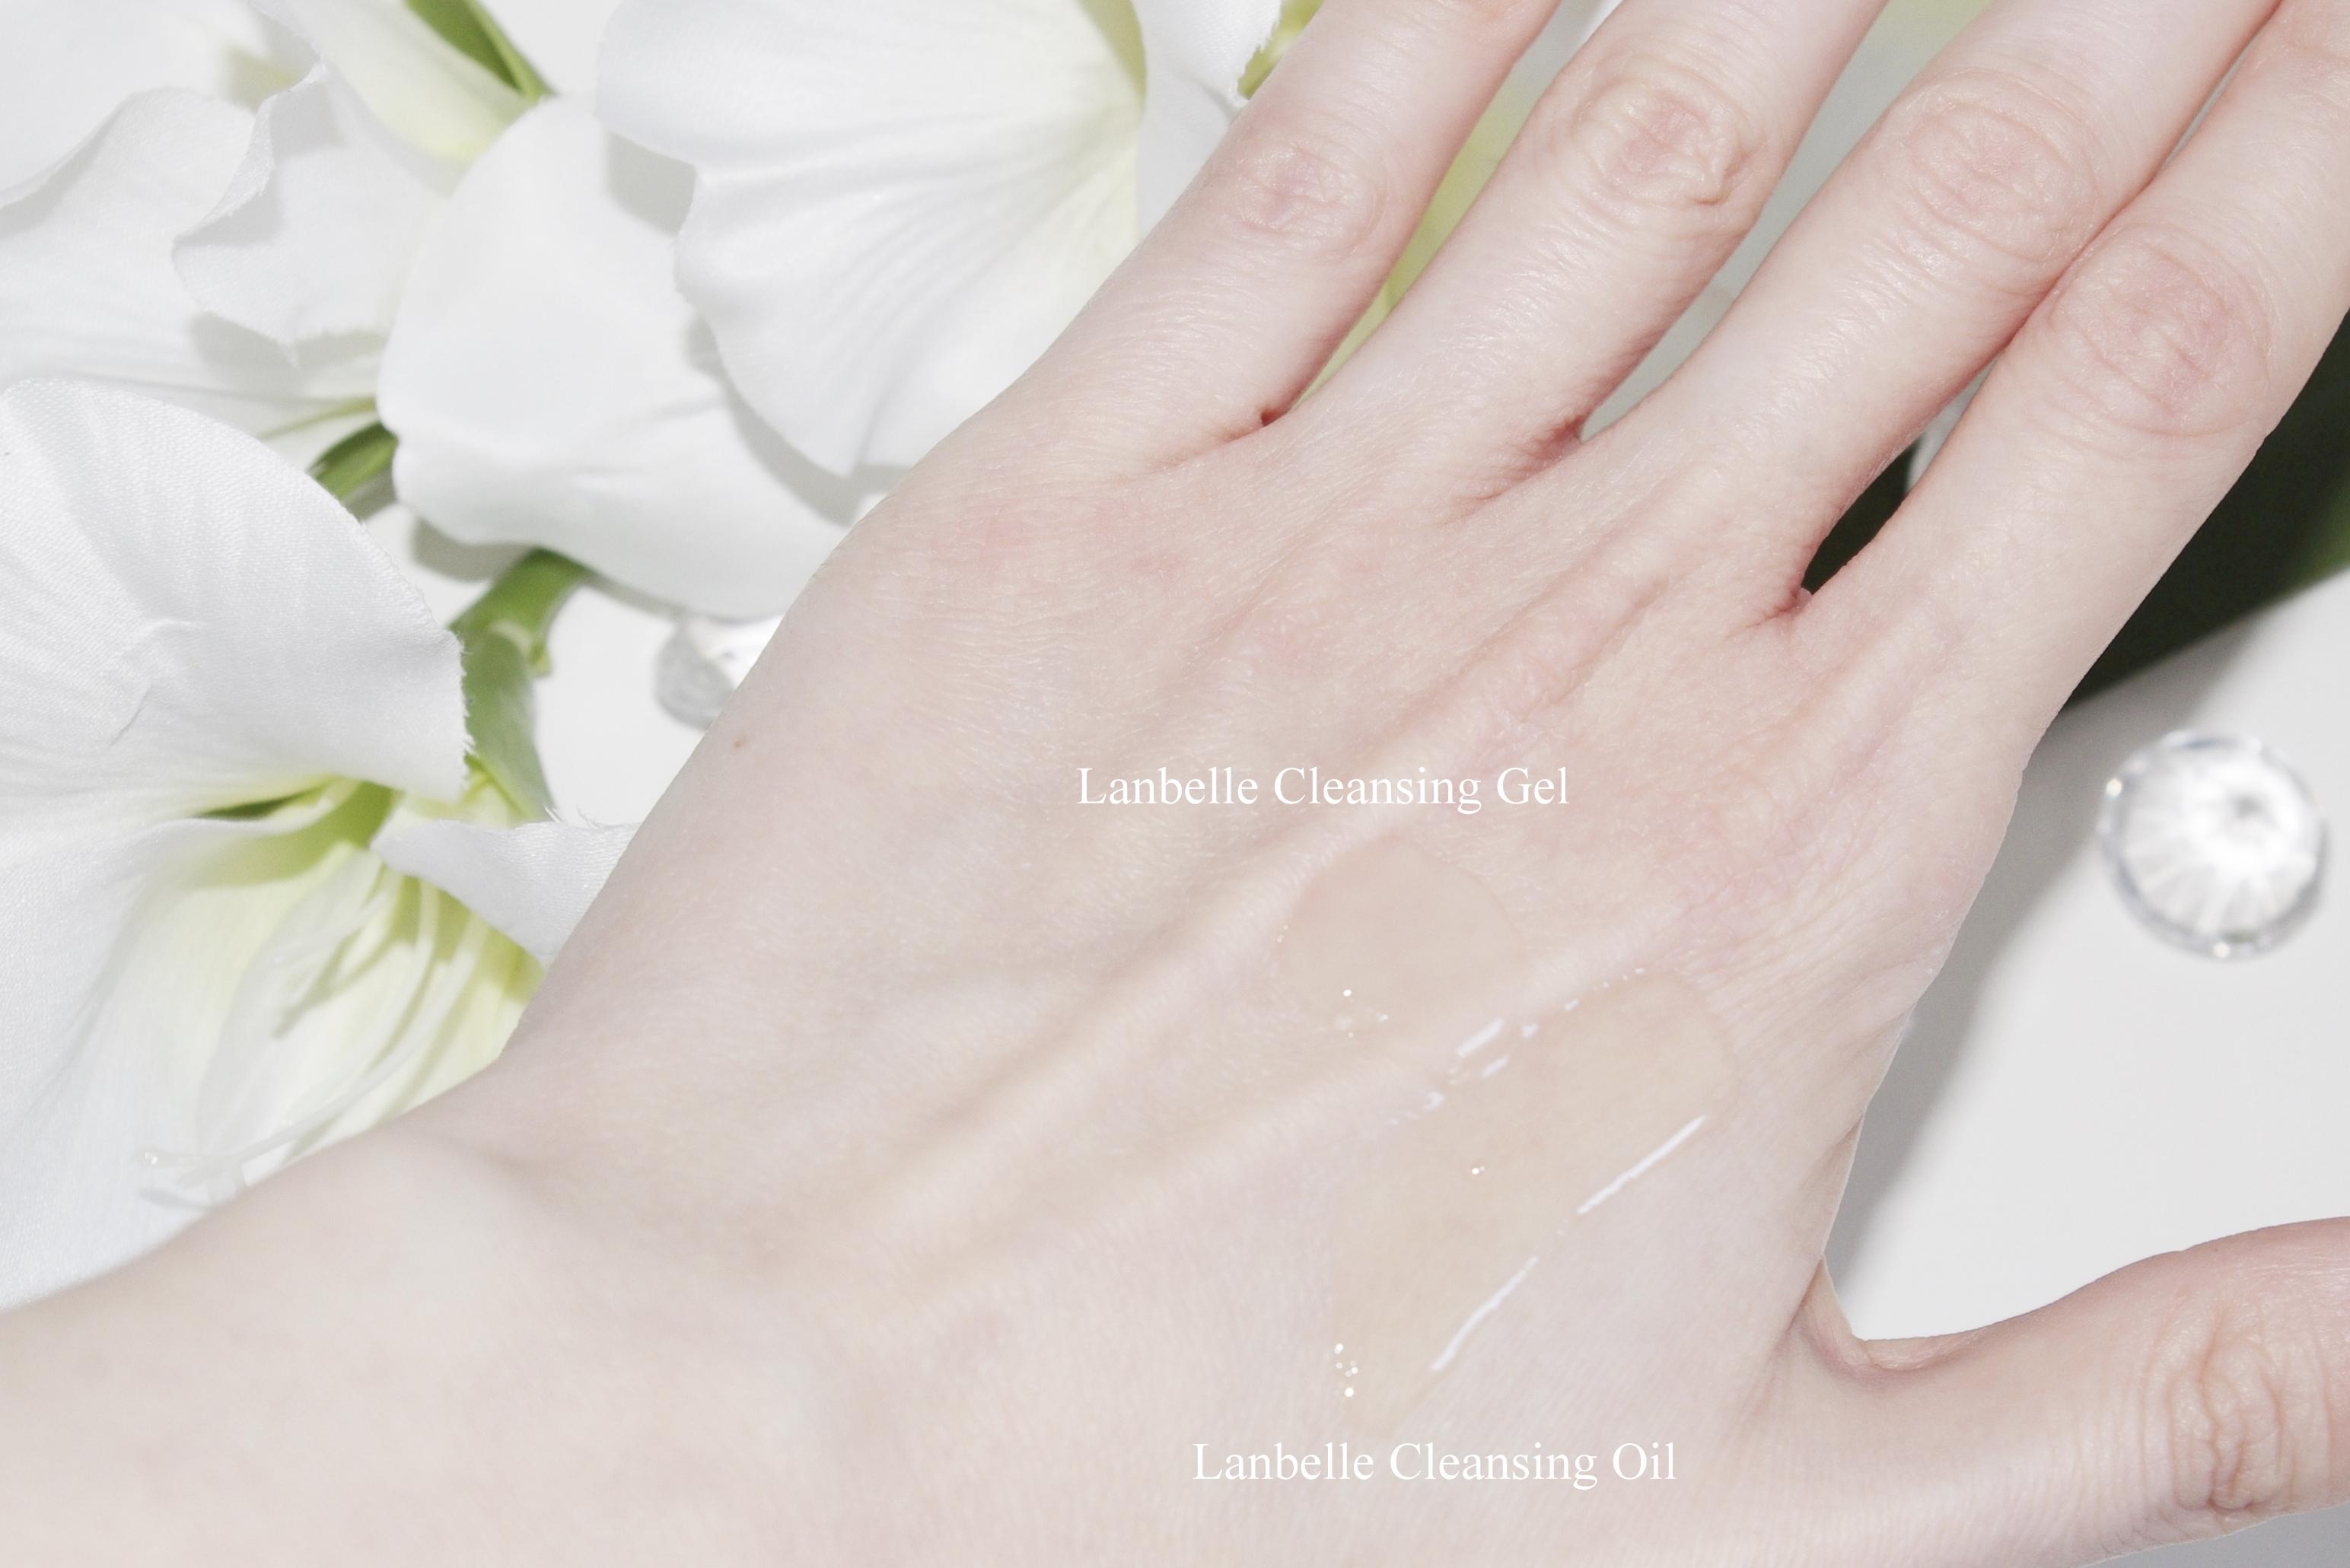 Lanbelle: Cleansing Oil - Naturalny Olejek do Demakijażu oraz Mycia Twarzy i Cleansing Gel - Delikatny Kokosowy Żel do Mycia Twarzy